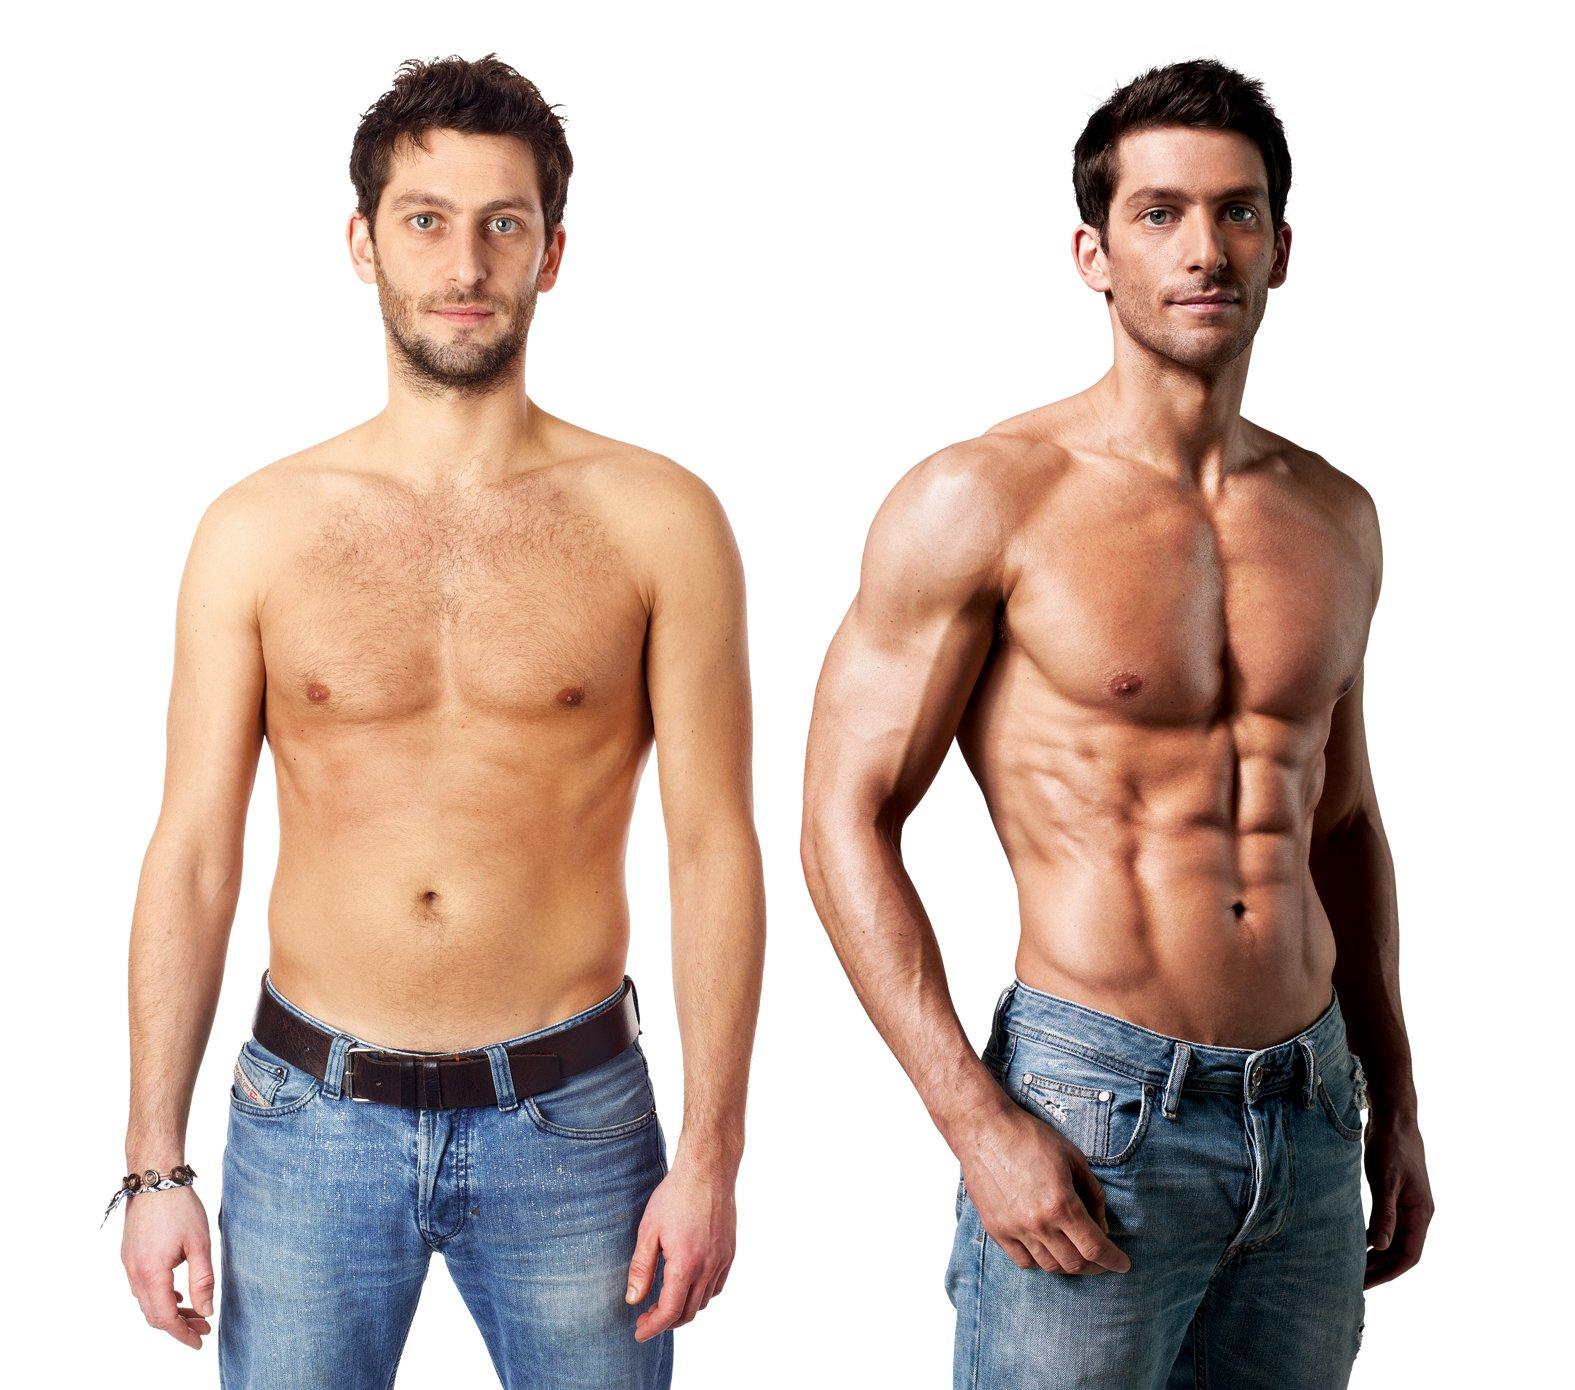 Combat 100% Isolate от MusclePharm доставя 24 грама 100% суроватъчен изолат в доза от 27 грама и осигурява по-бързо покачване на мускулна маса.